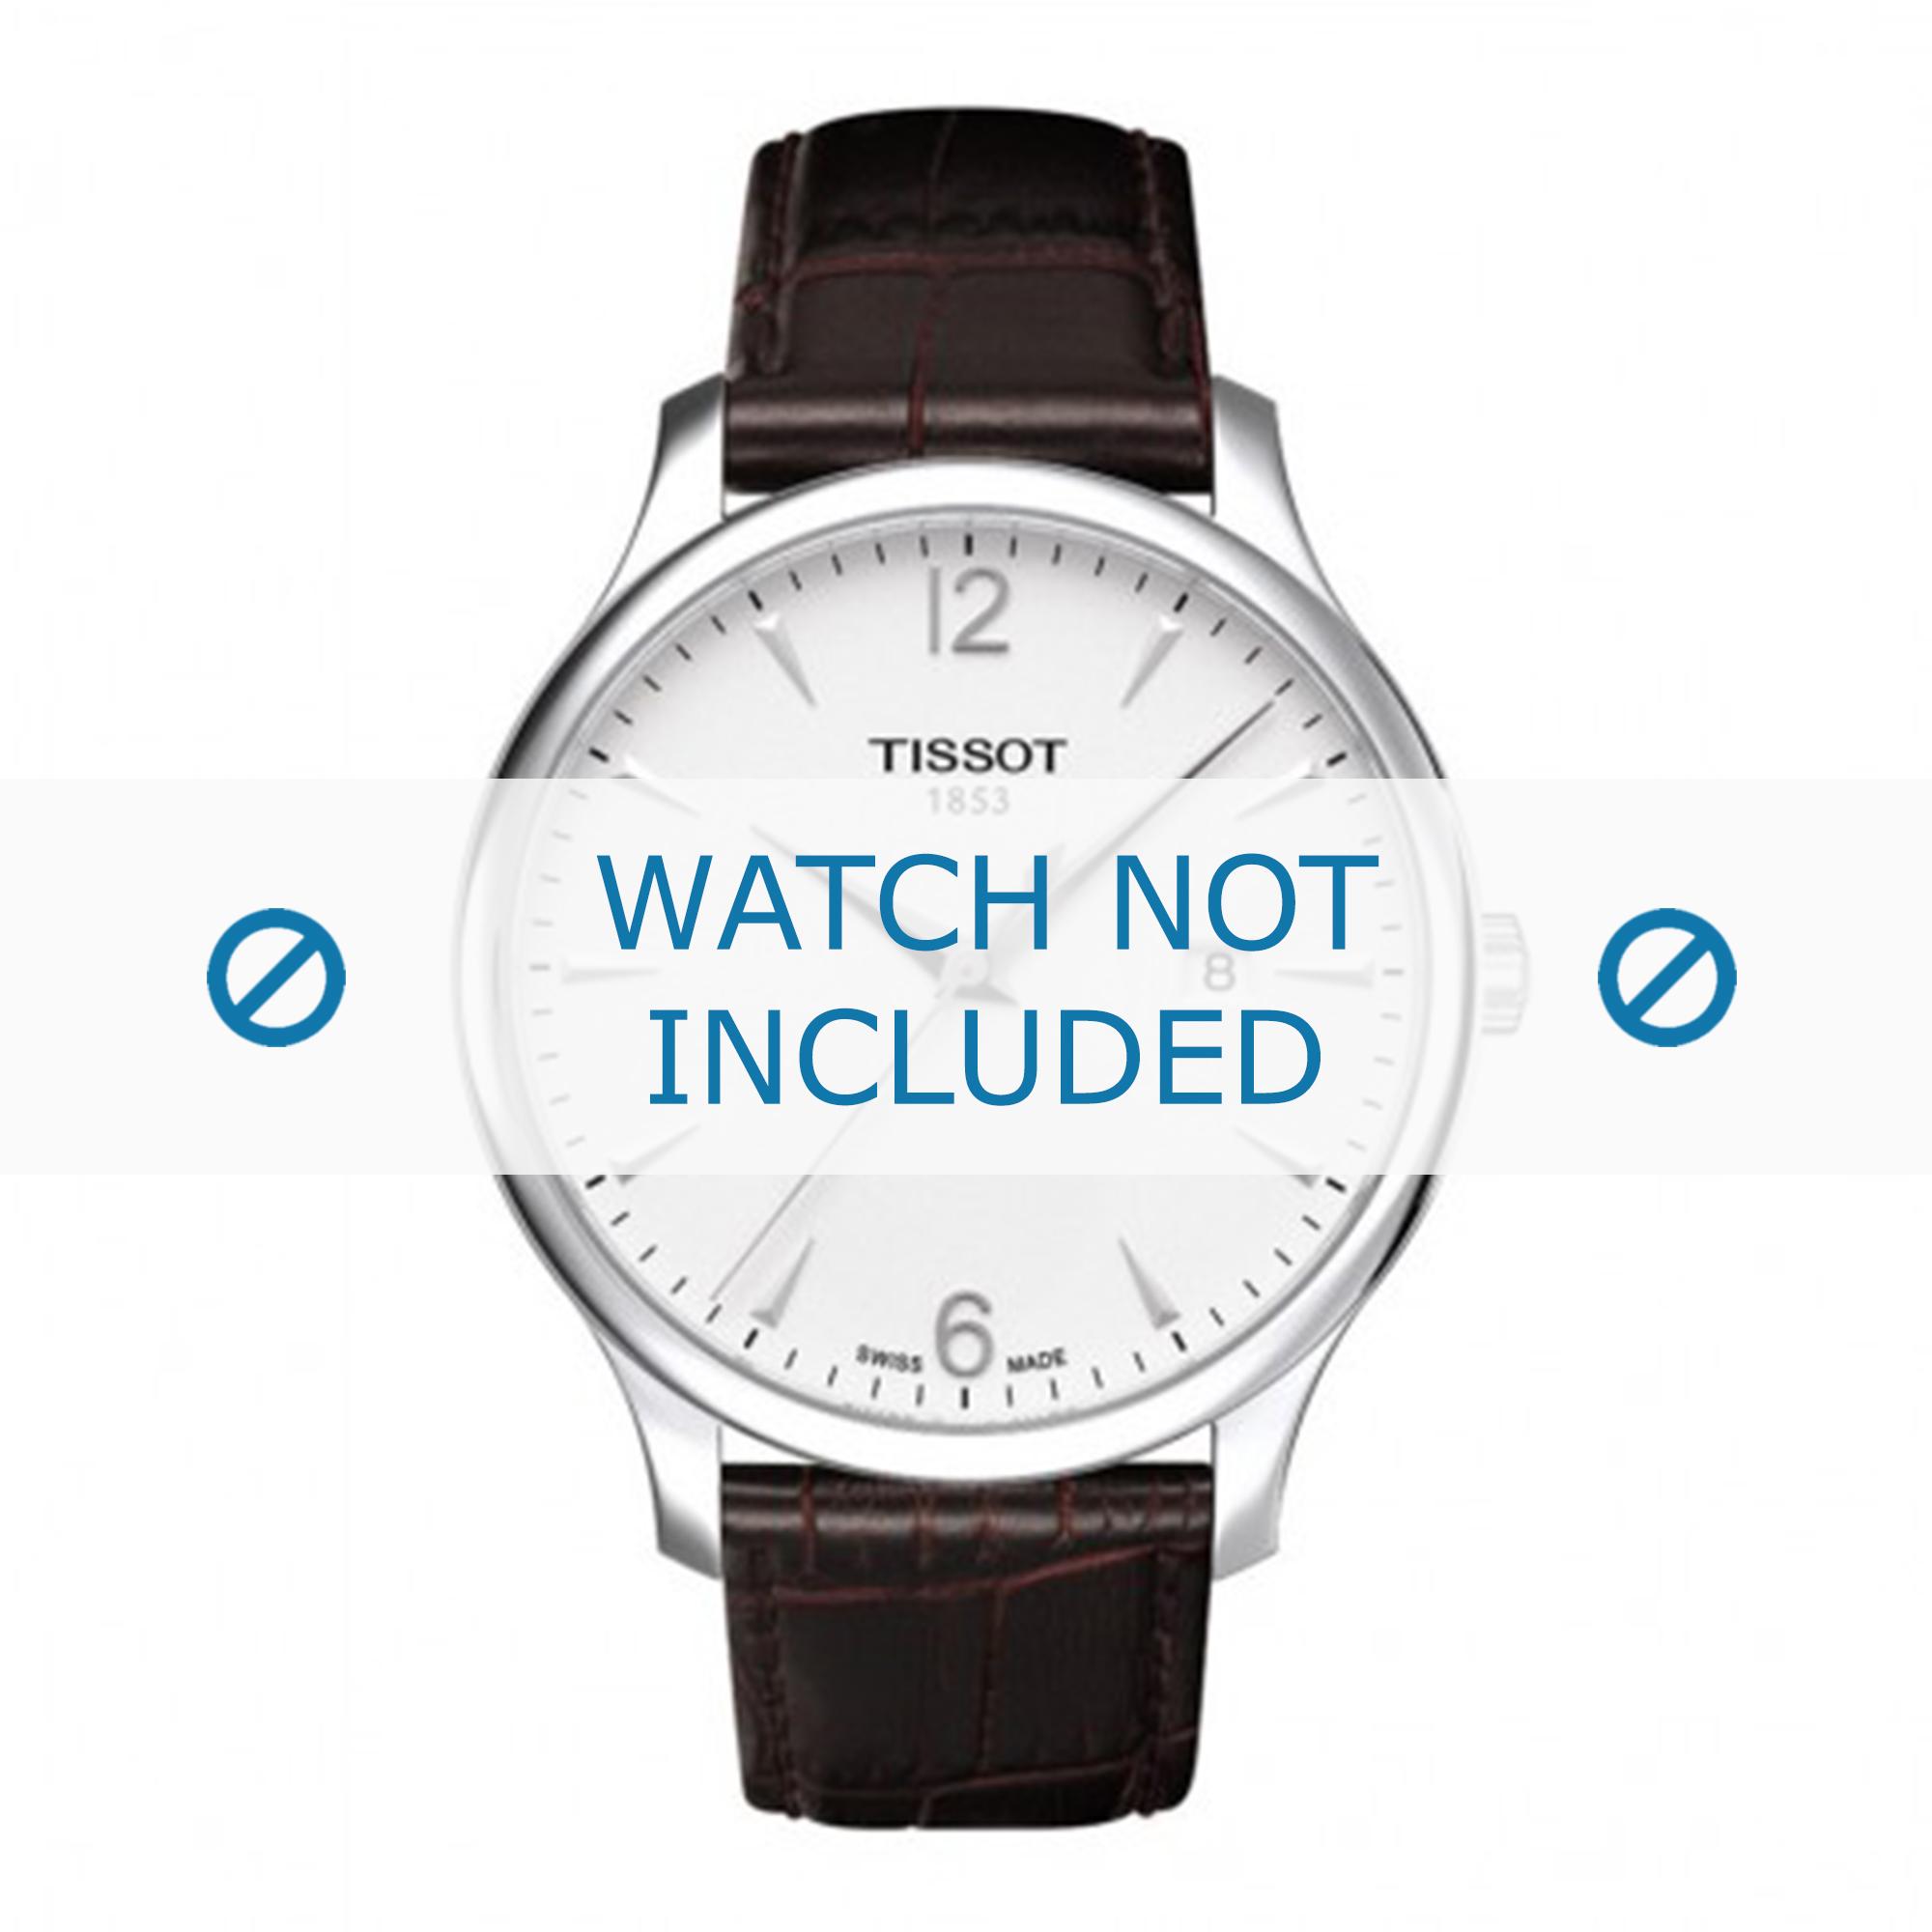 Tissot horlogeband T063.610.16.037.00 Leder Donkerbruin 20mm + bruin stiksel